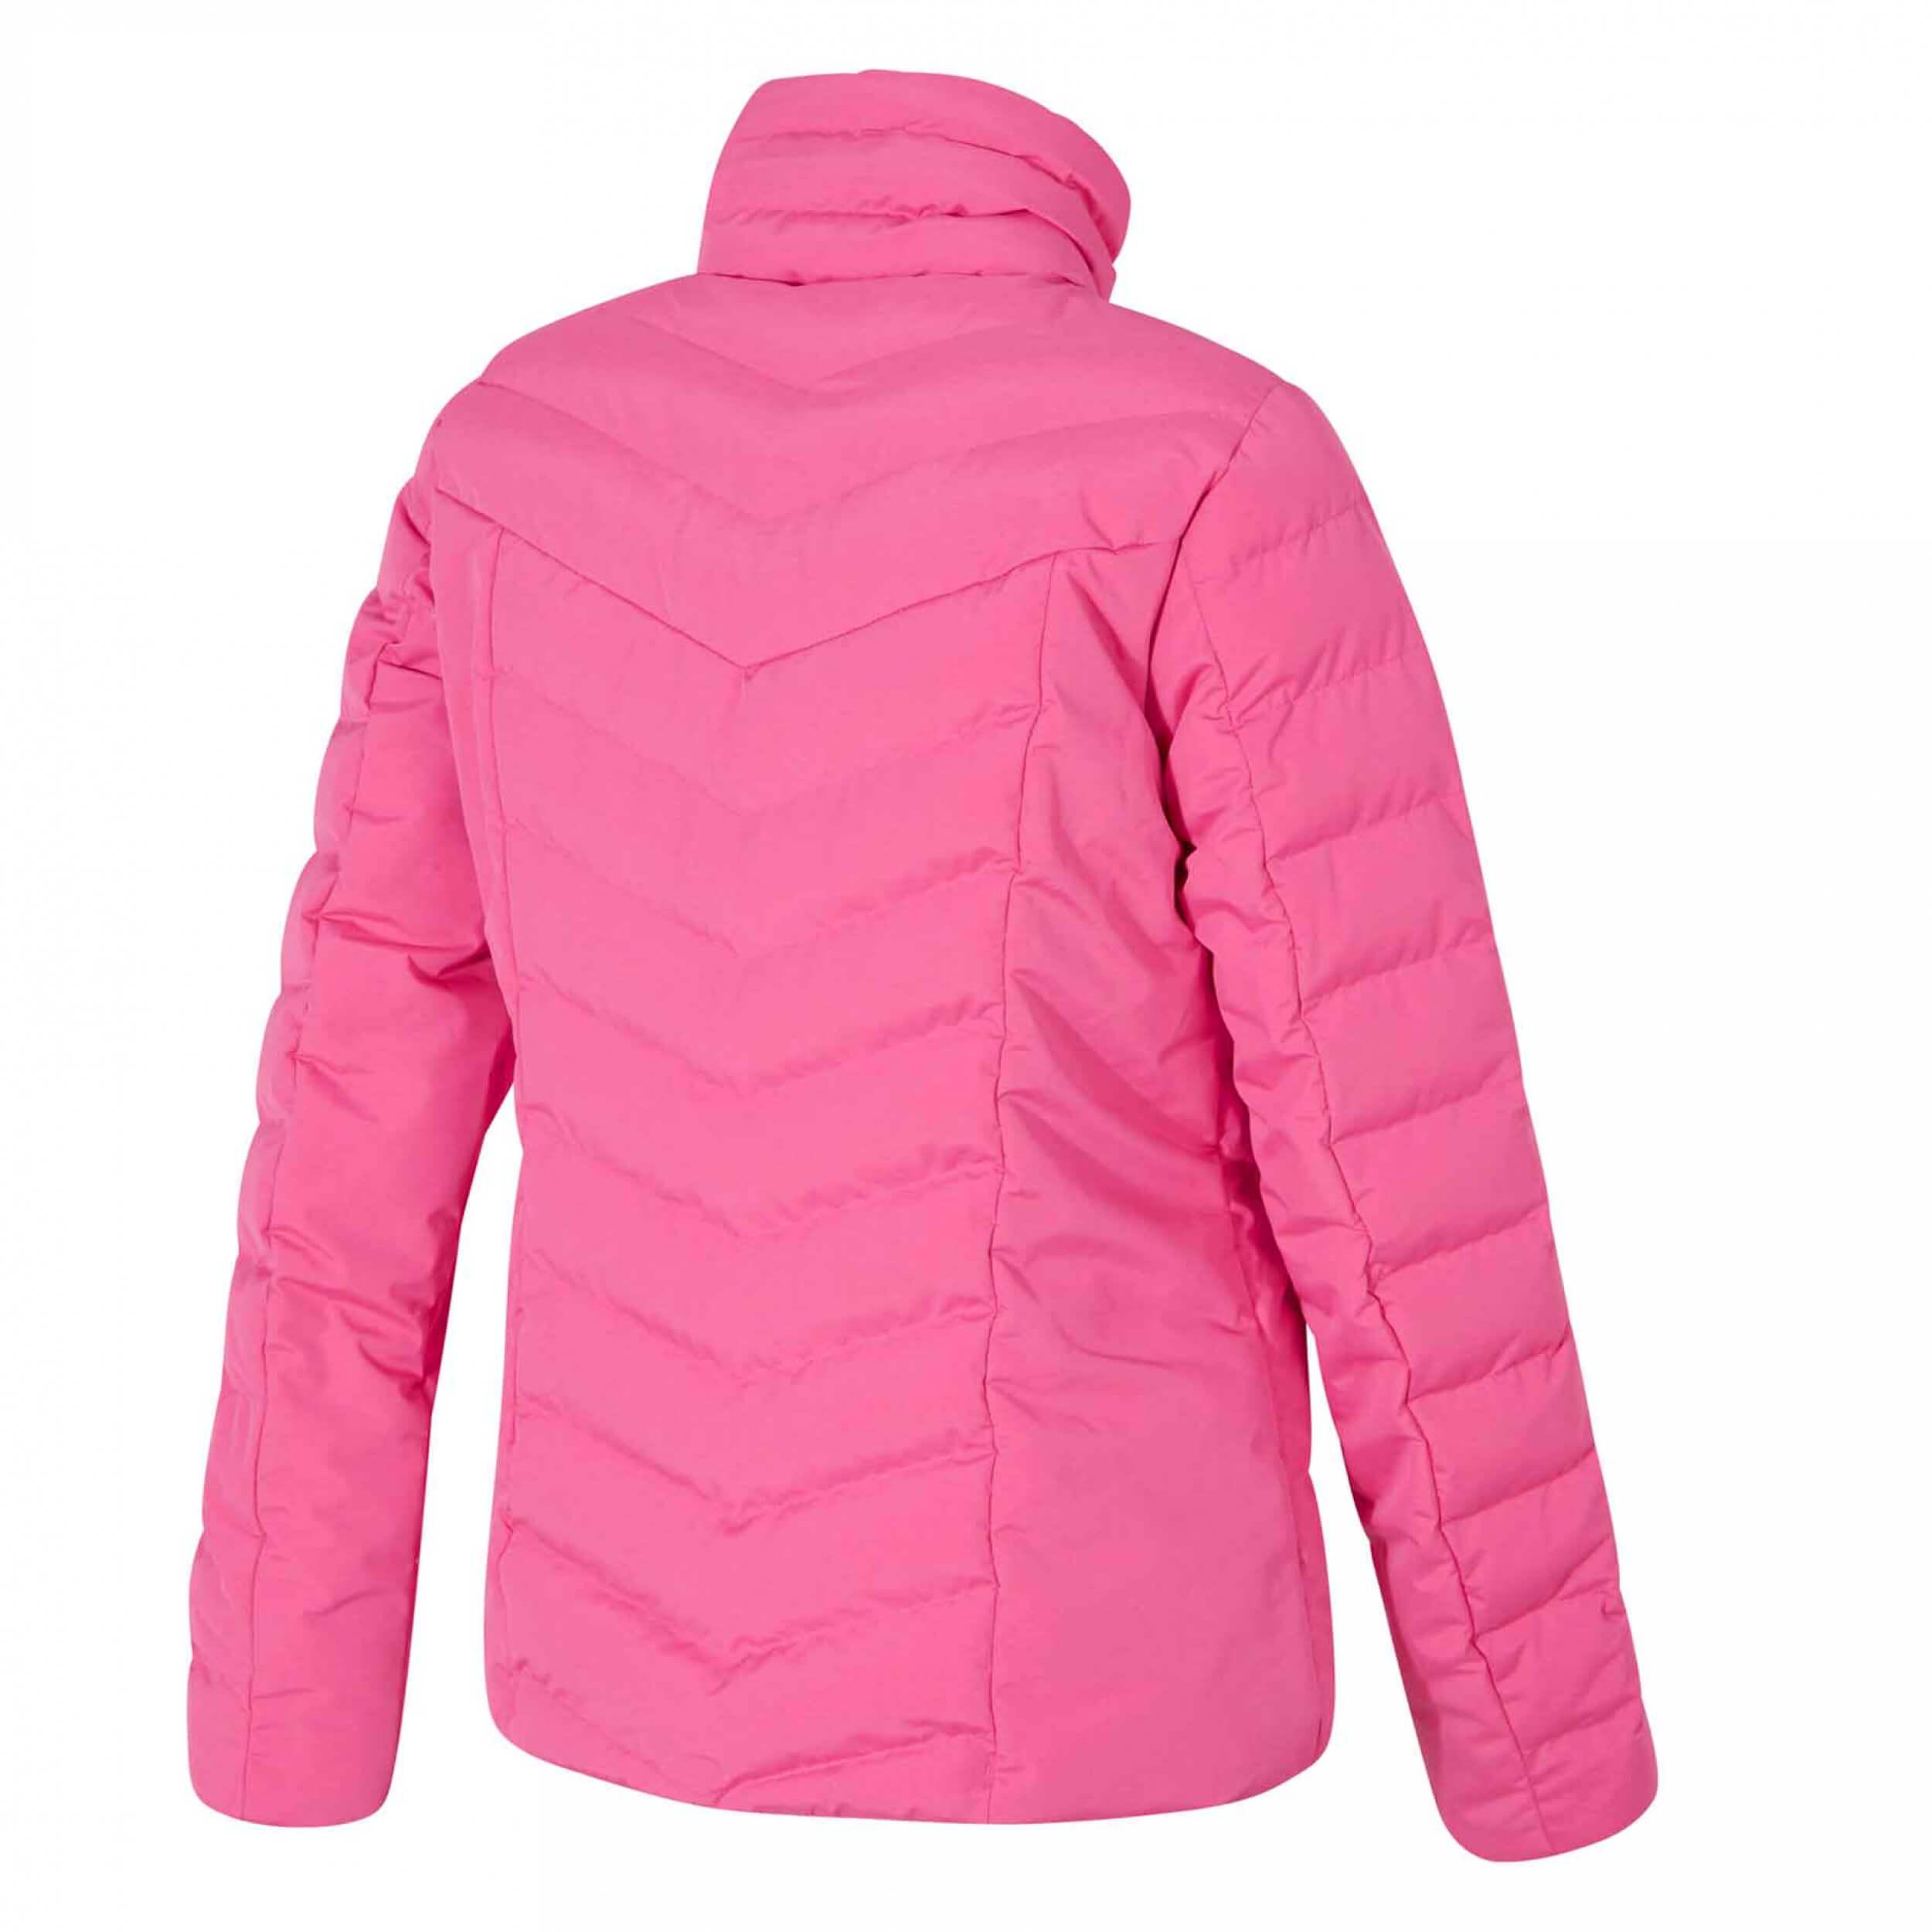 ZIENER Damen Skijacke AQUA SHIELD Talma pink 256